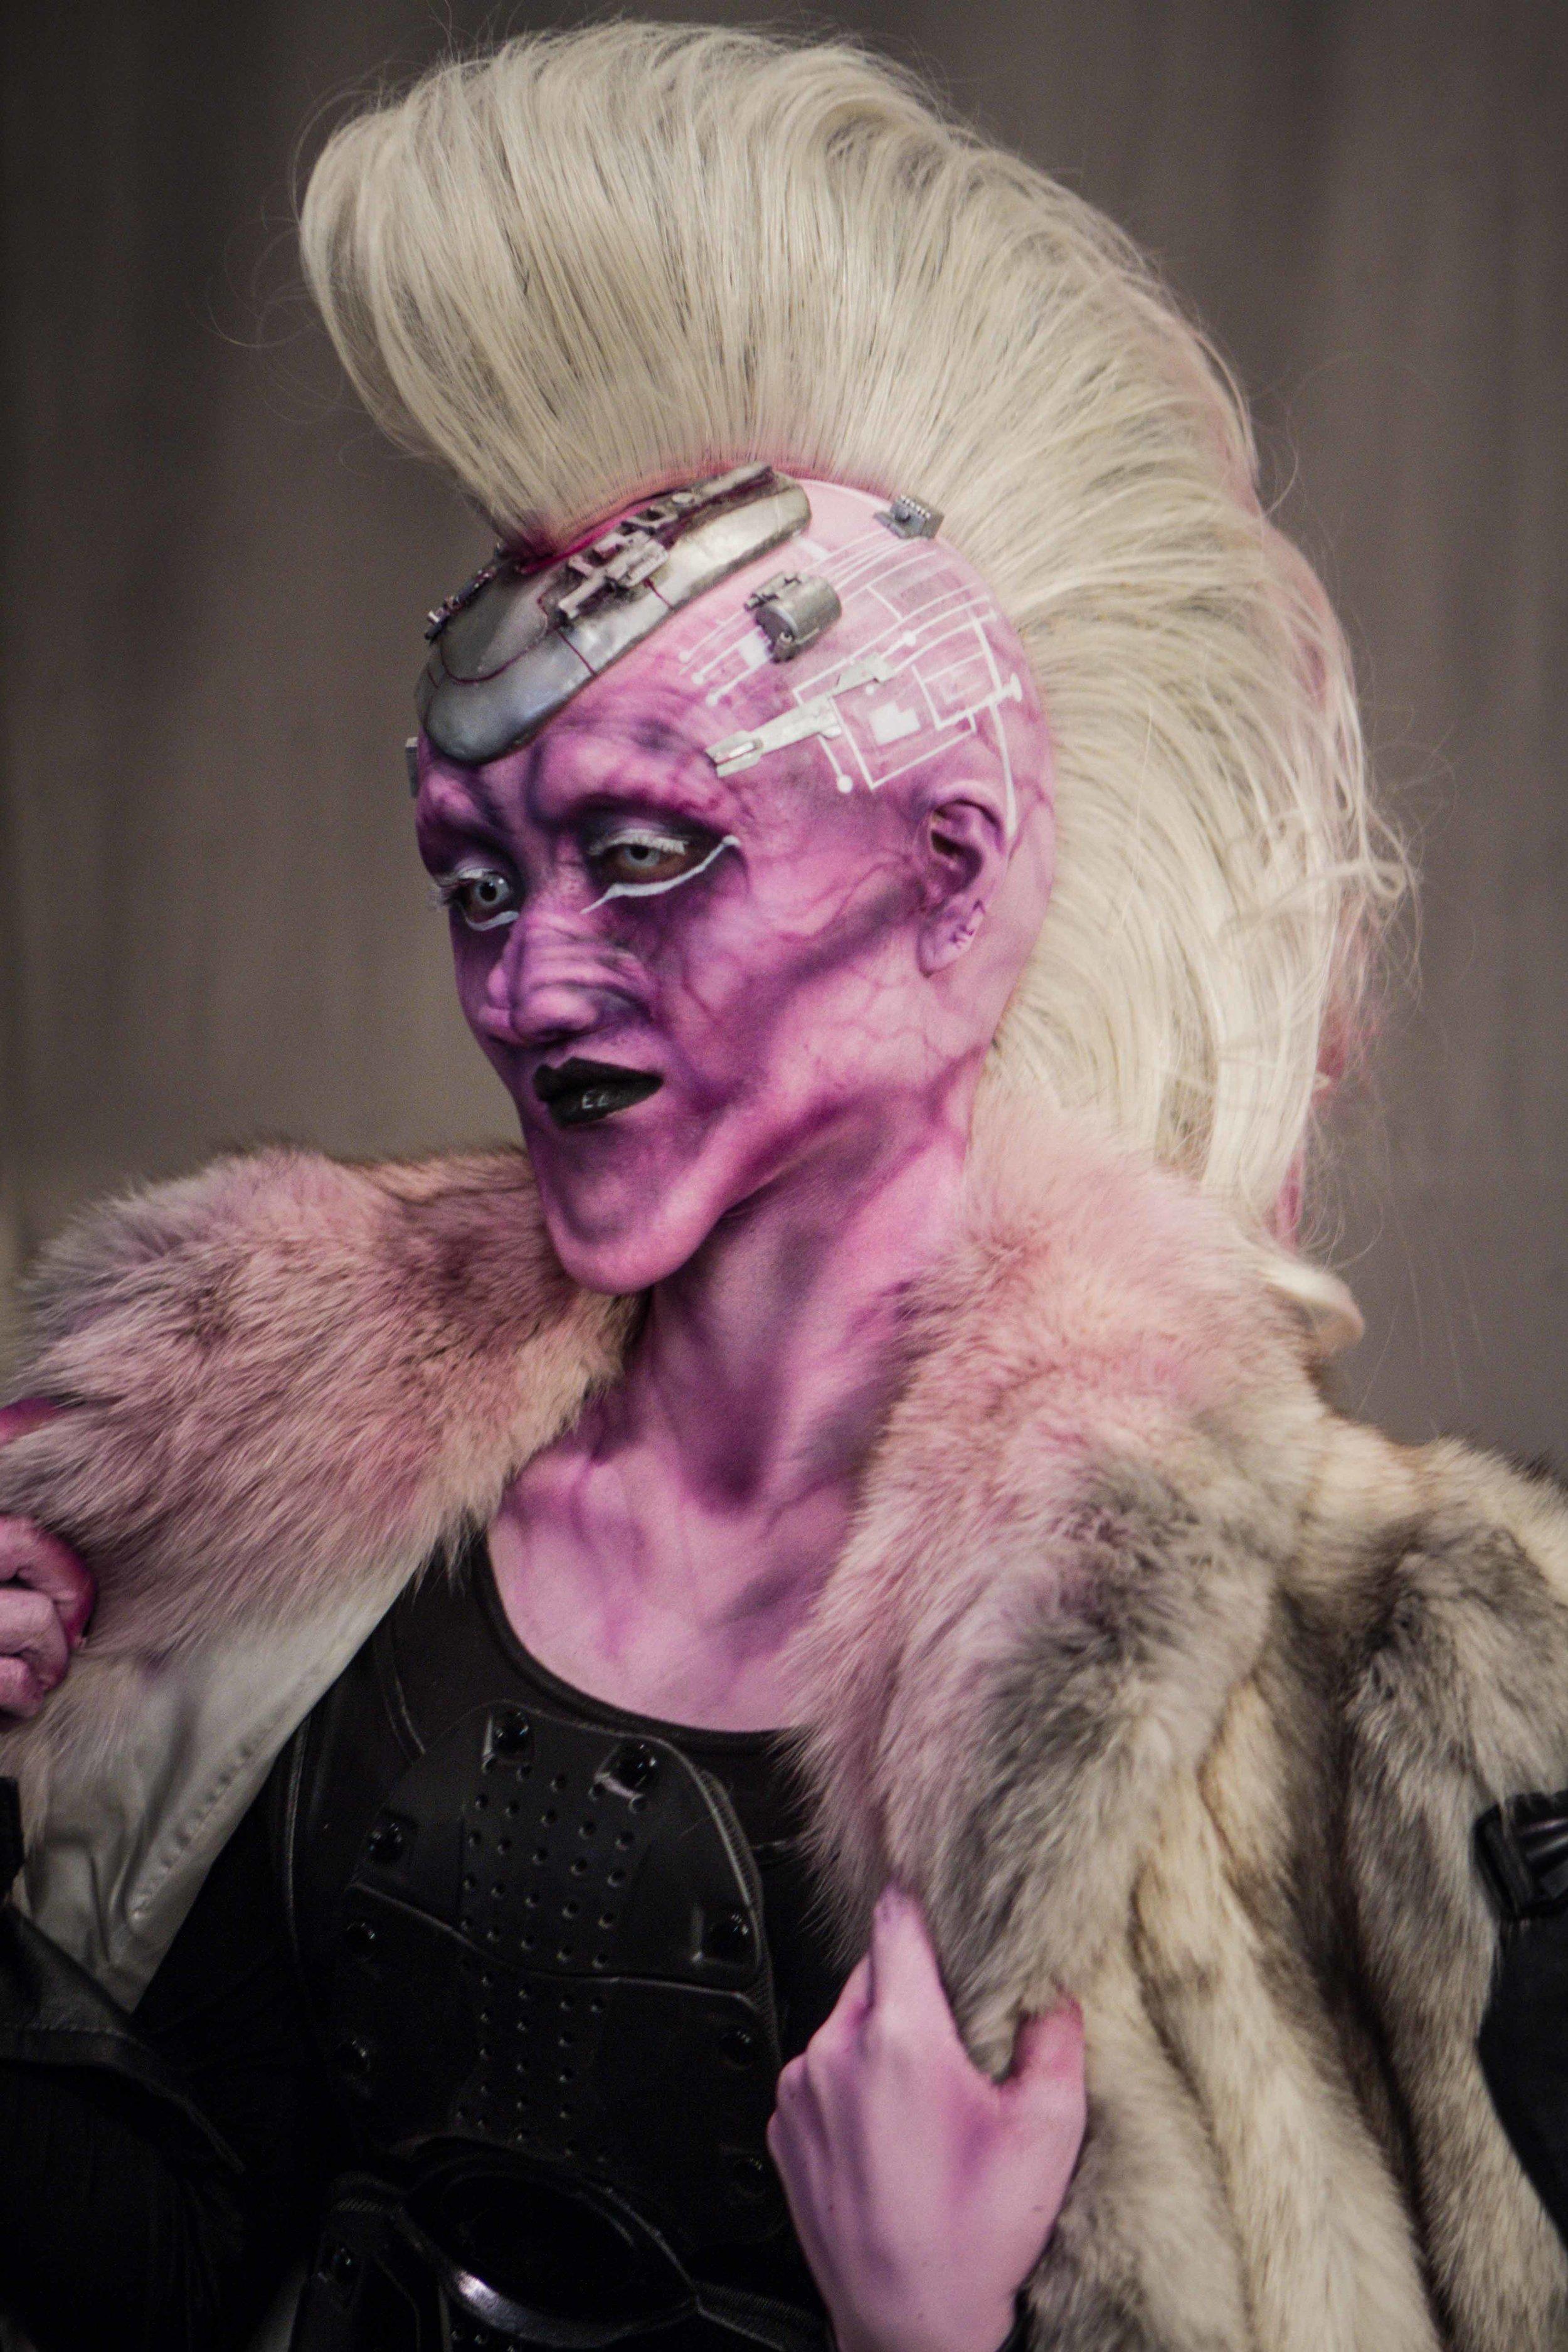 IMATS 2017 - Battle of the Brushes Special Effects Makeup (www.KyleReaArt.com - www.KyleReaPhotography.com) 8.jpg